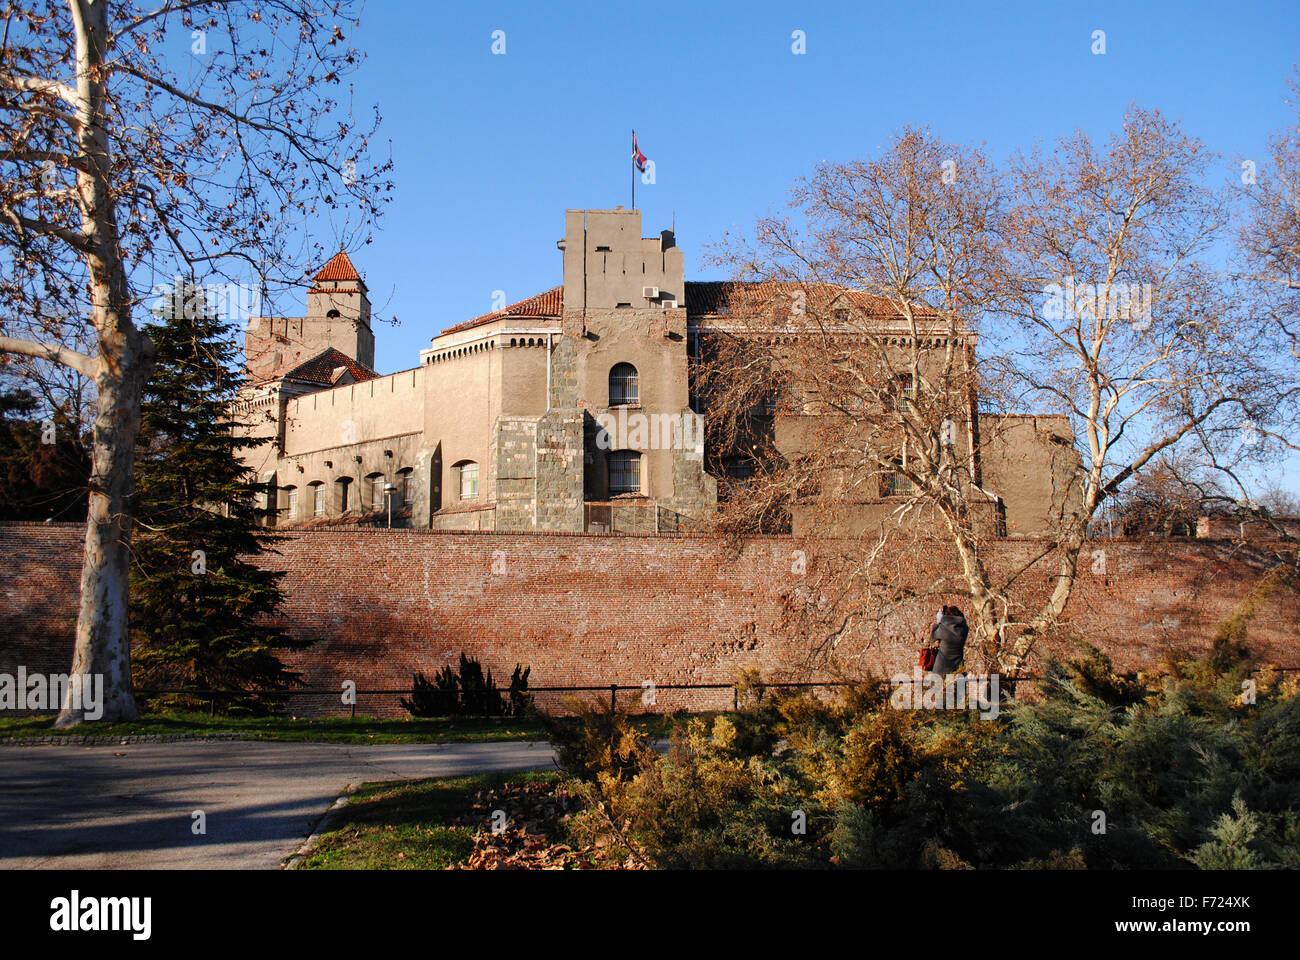 Eine nicht identifizierbare Person fotografieren der Festung von Belgrad. Stockbild